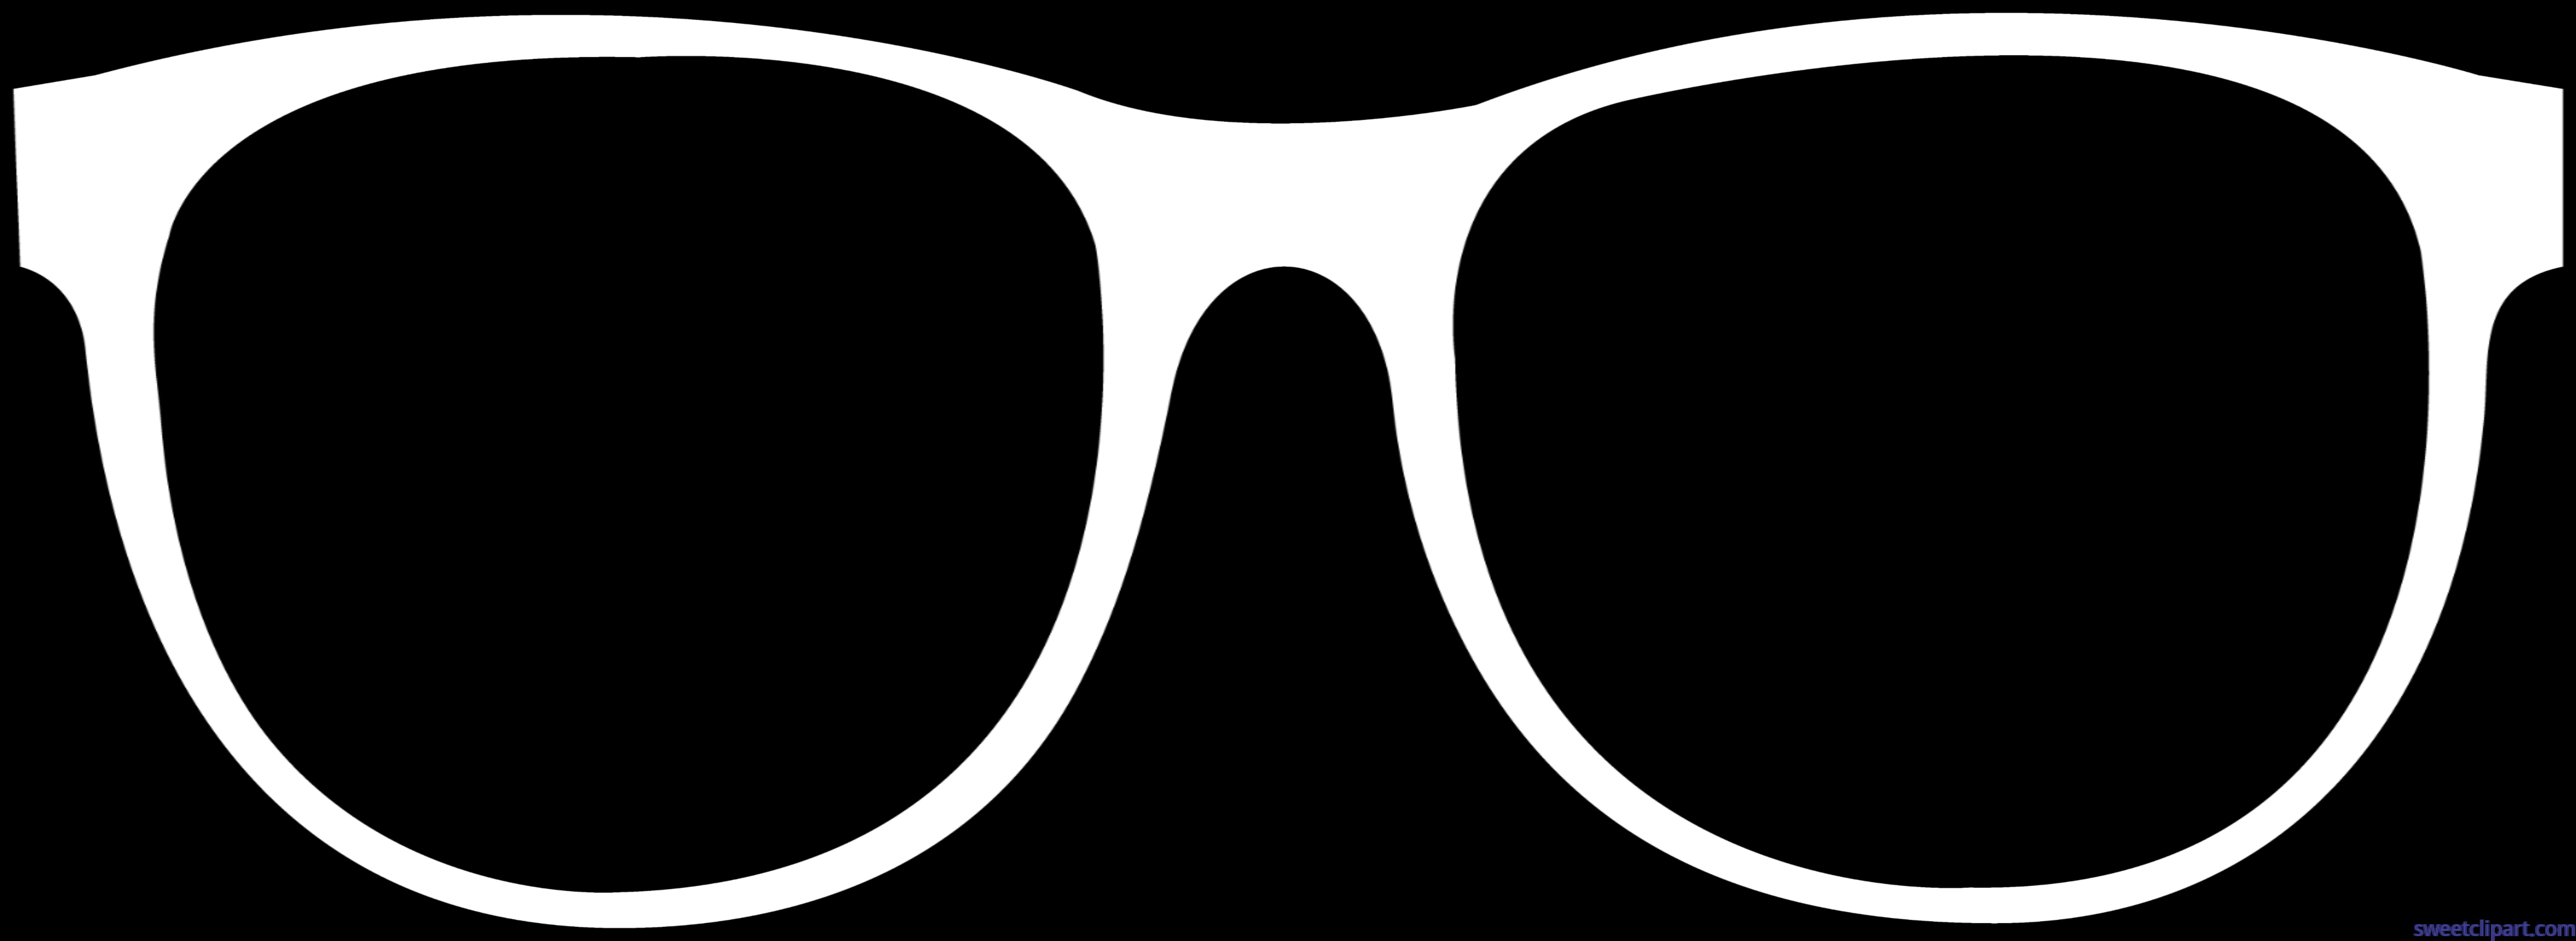 Glasses lineart clip art. Glass clipart eye